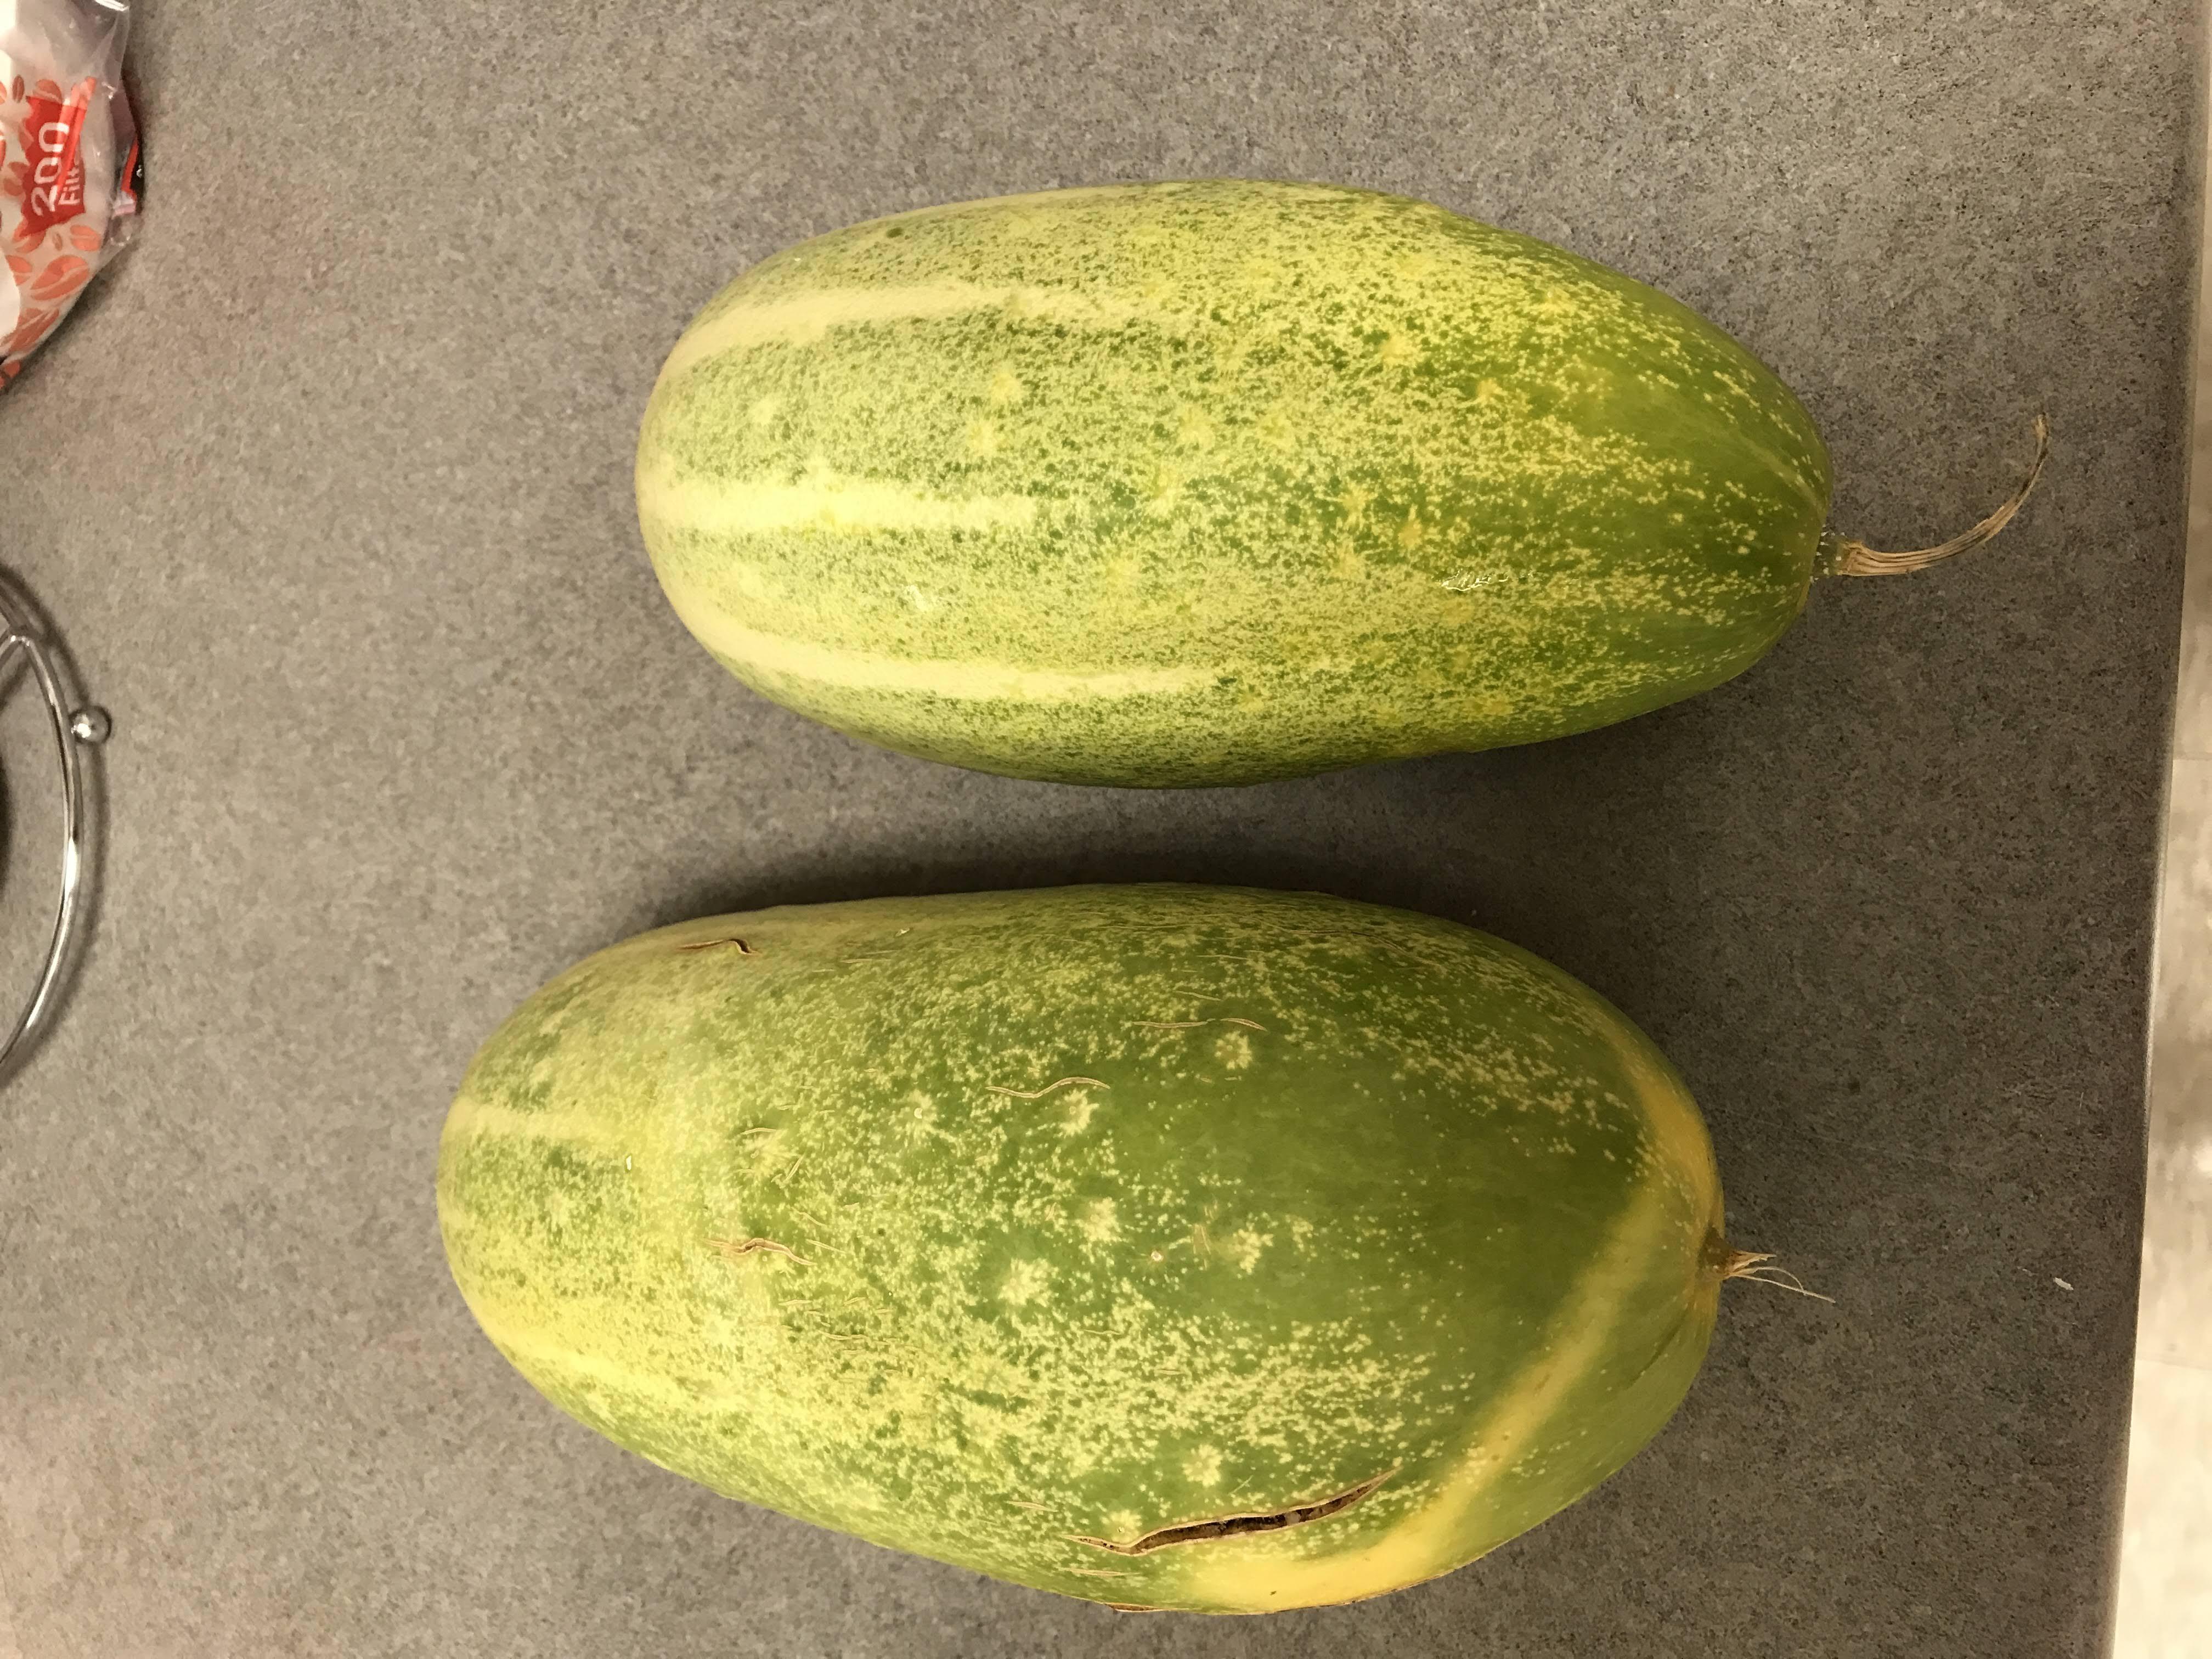 Dib (Hmong cucumber)